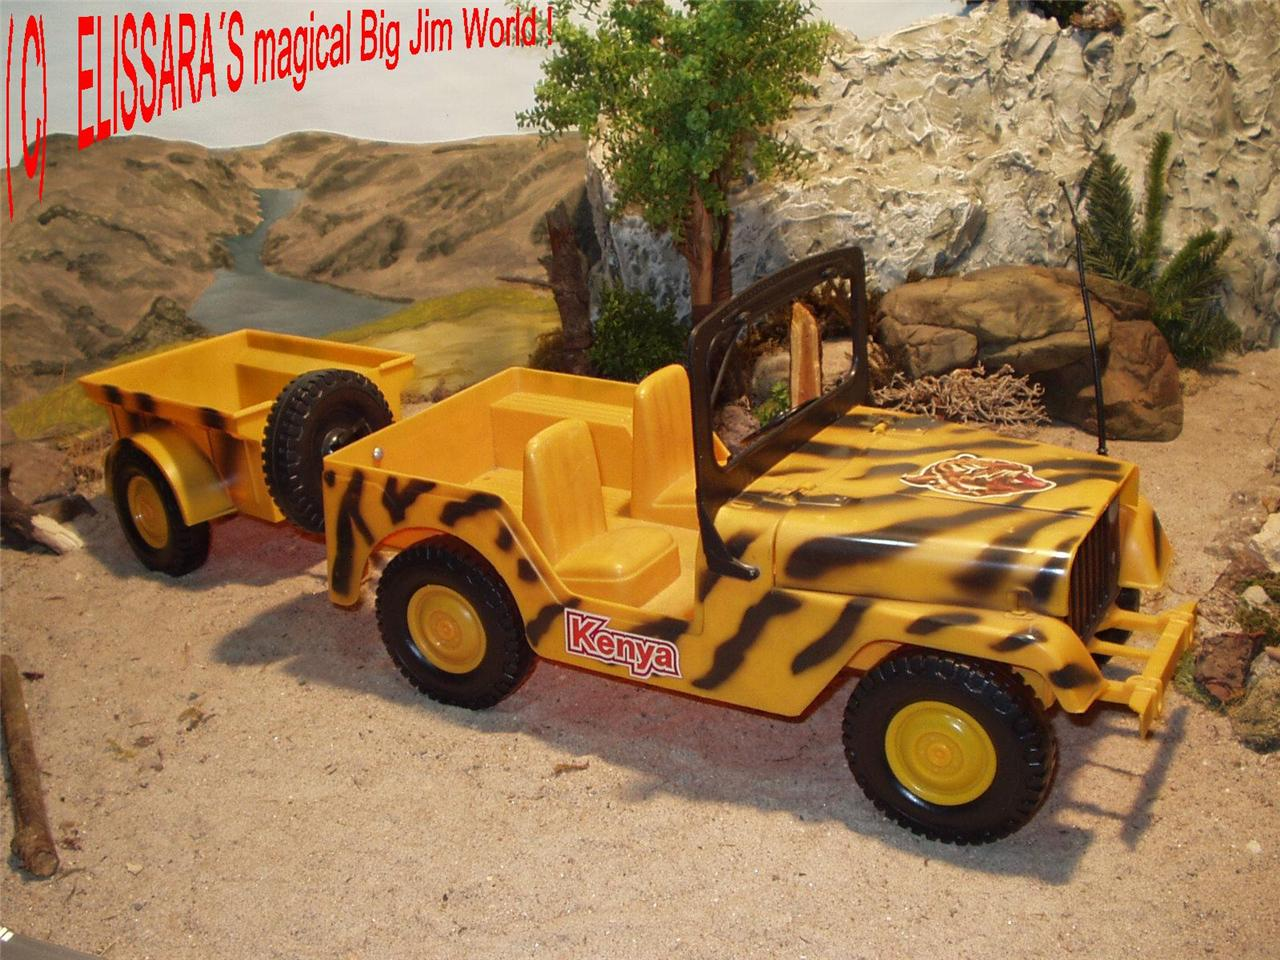 big jim safari jeep kenya mit anh nger trailer molto. Black Bedroom Furniture Sets. Home Design Ideas